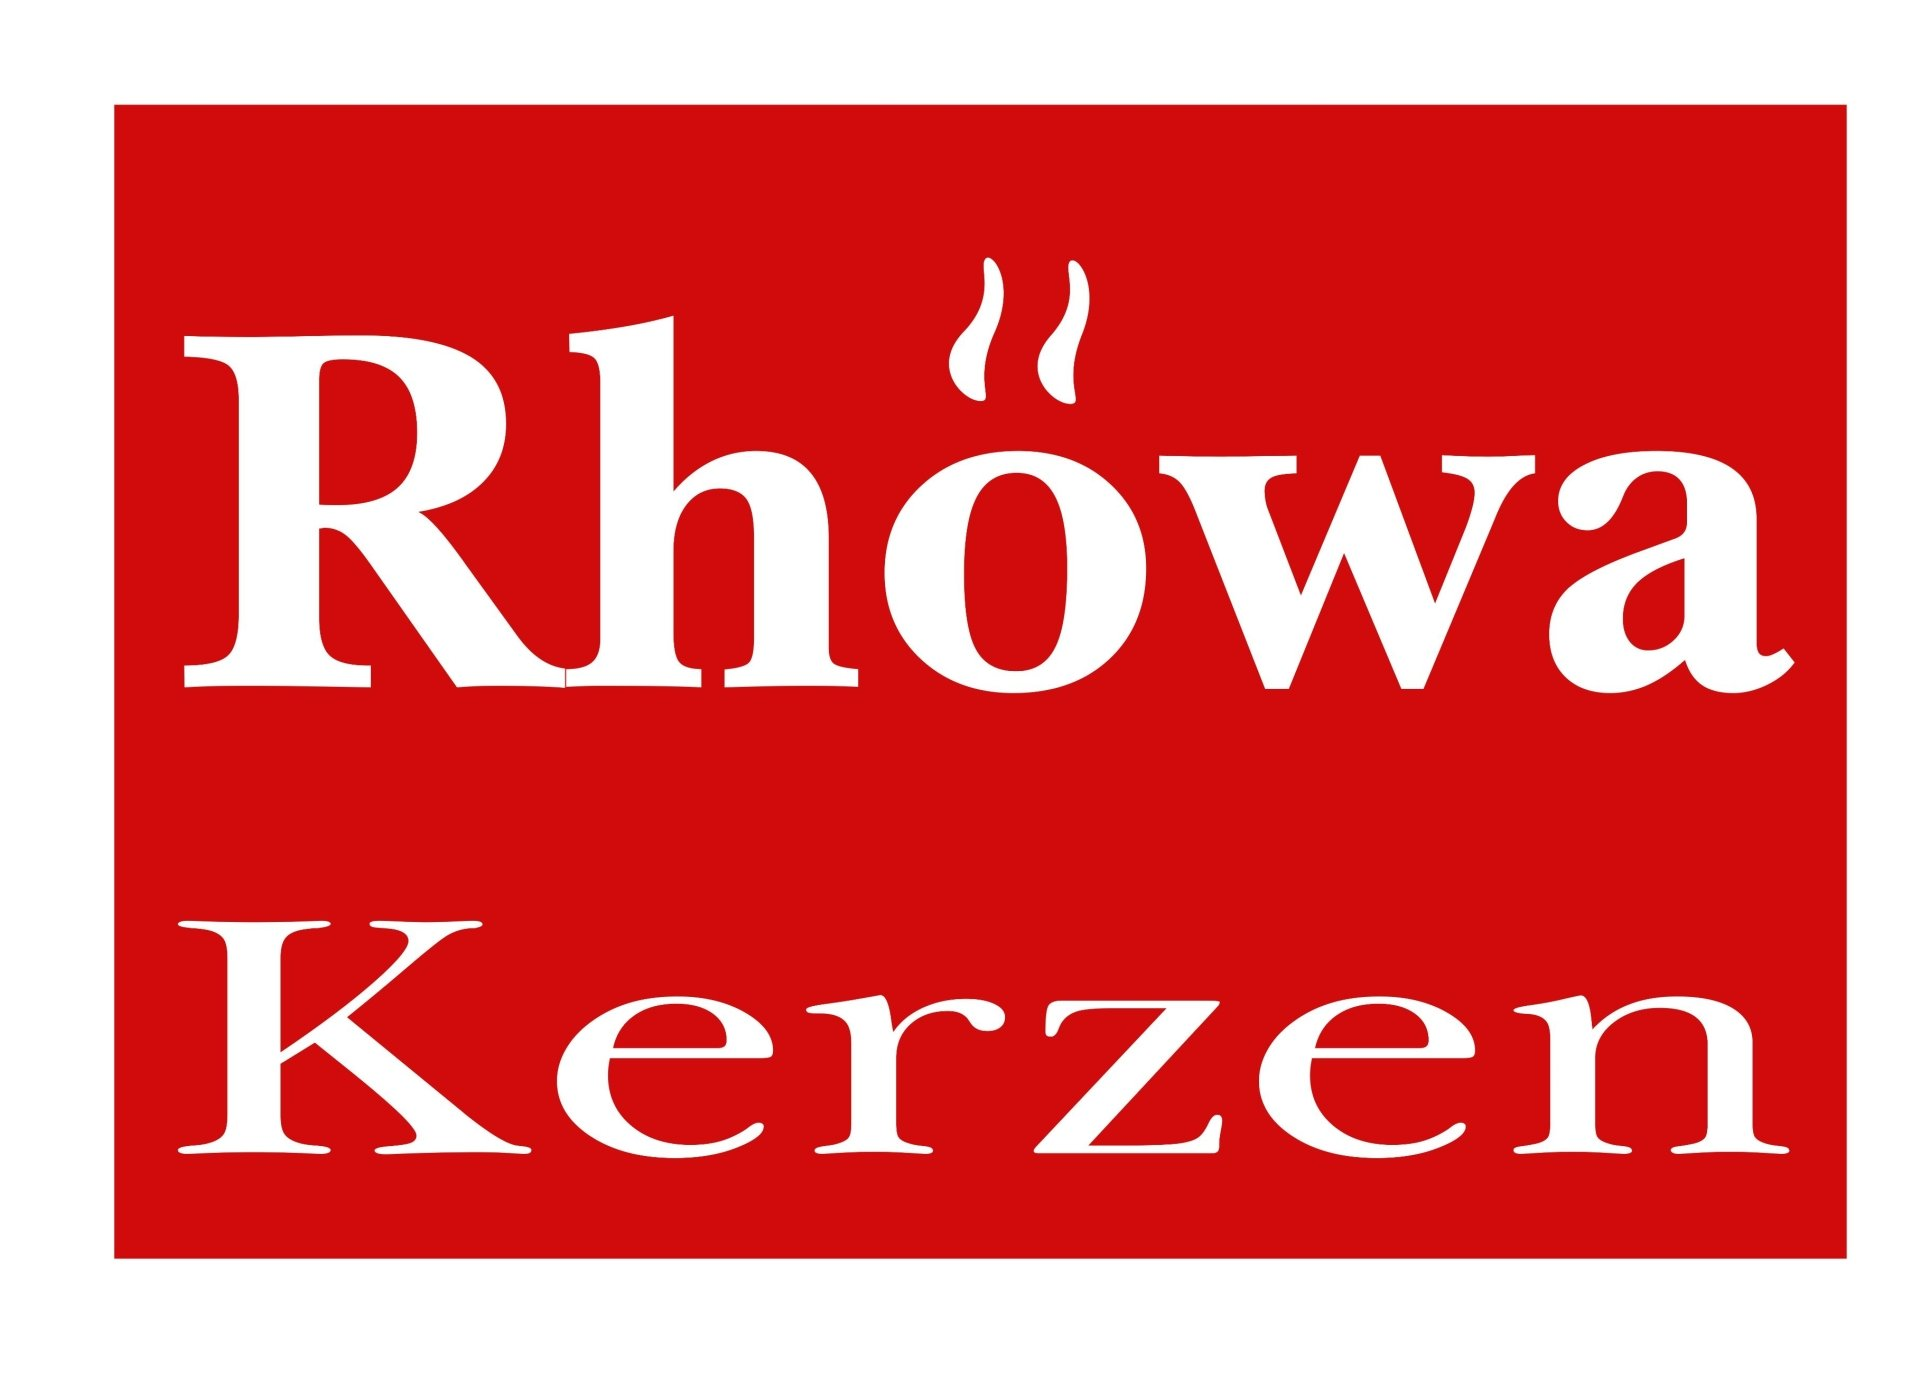 Kerzen Werksverkauf.Rhöwa Kerzen Gersfeld Werksverkauf Mit Riesenauswahl Günstig